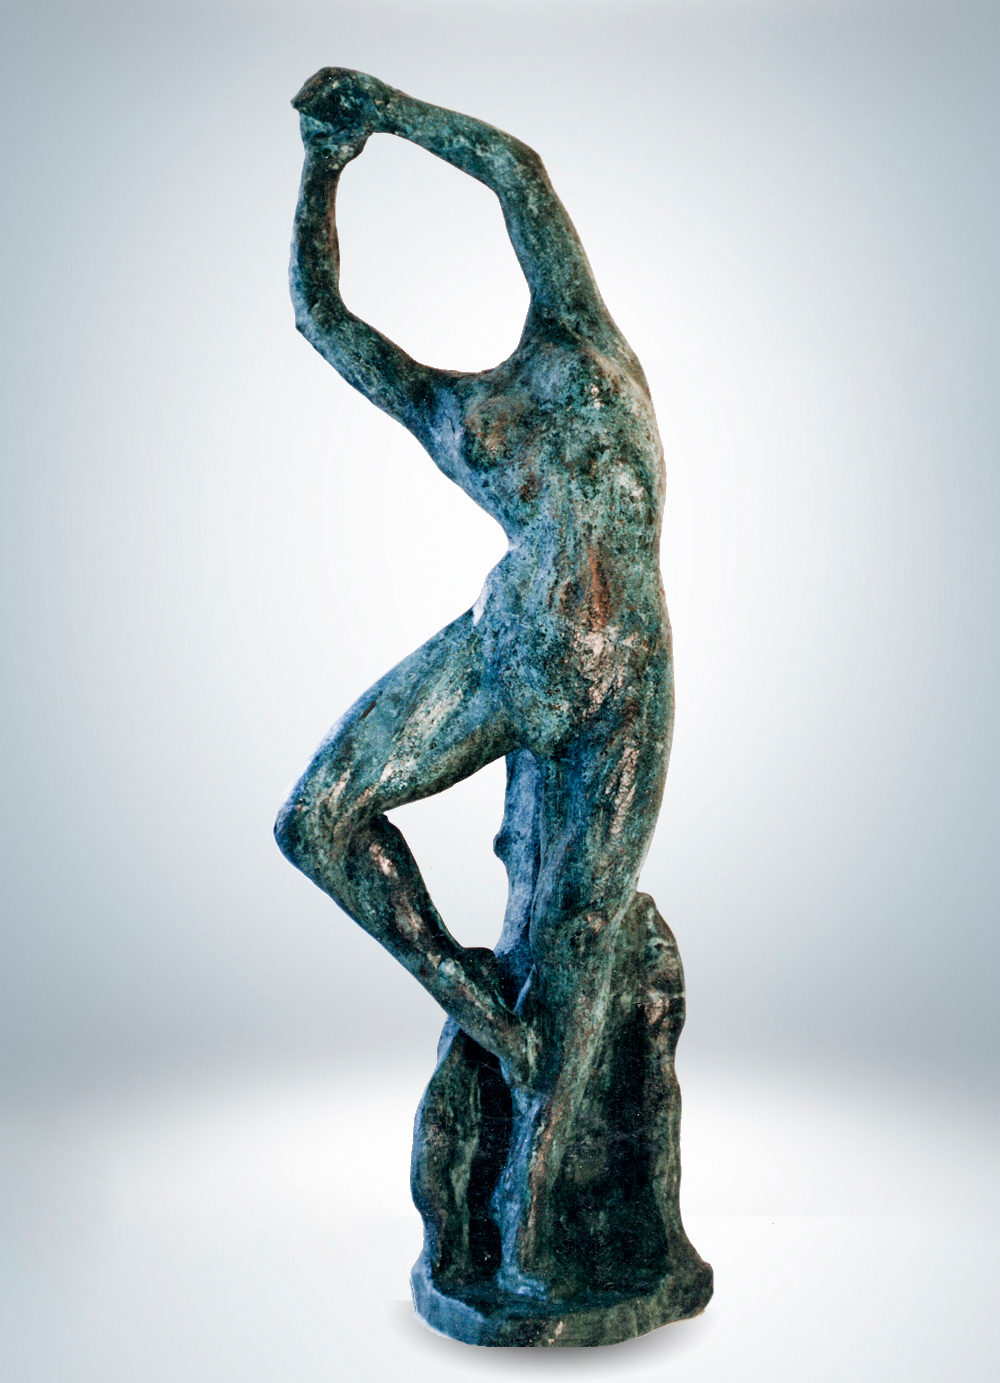 Escultura-Bailarina-Bronce-A-Figurativo-Abstracto-RD.Escultor